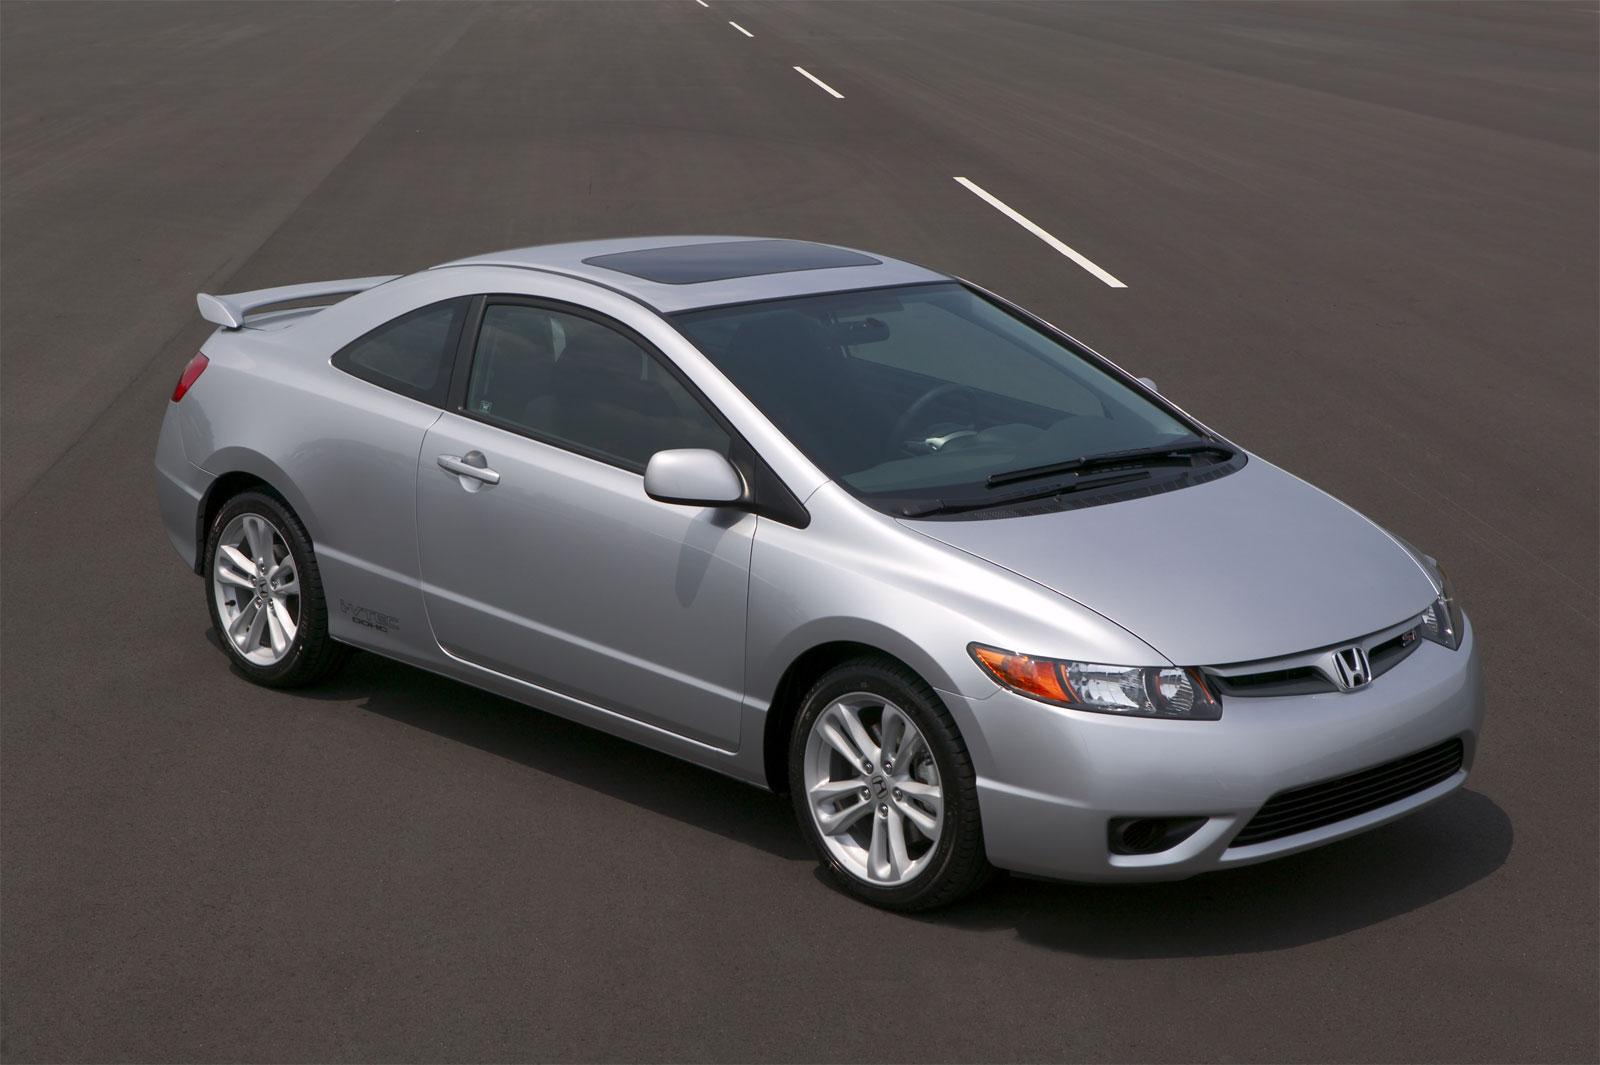 2009 Honda Civic Coupe Pictures Cargurus